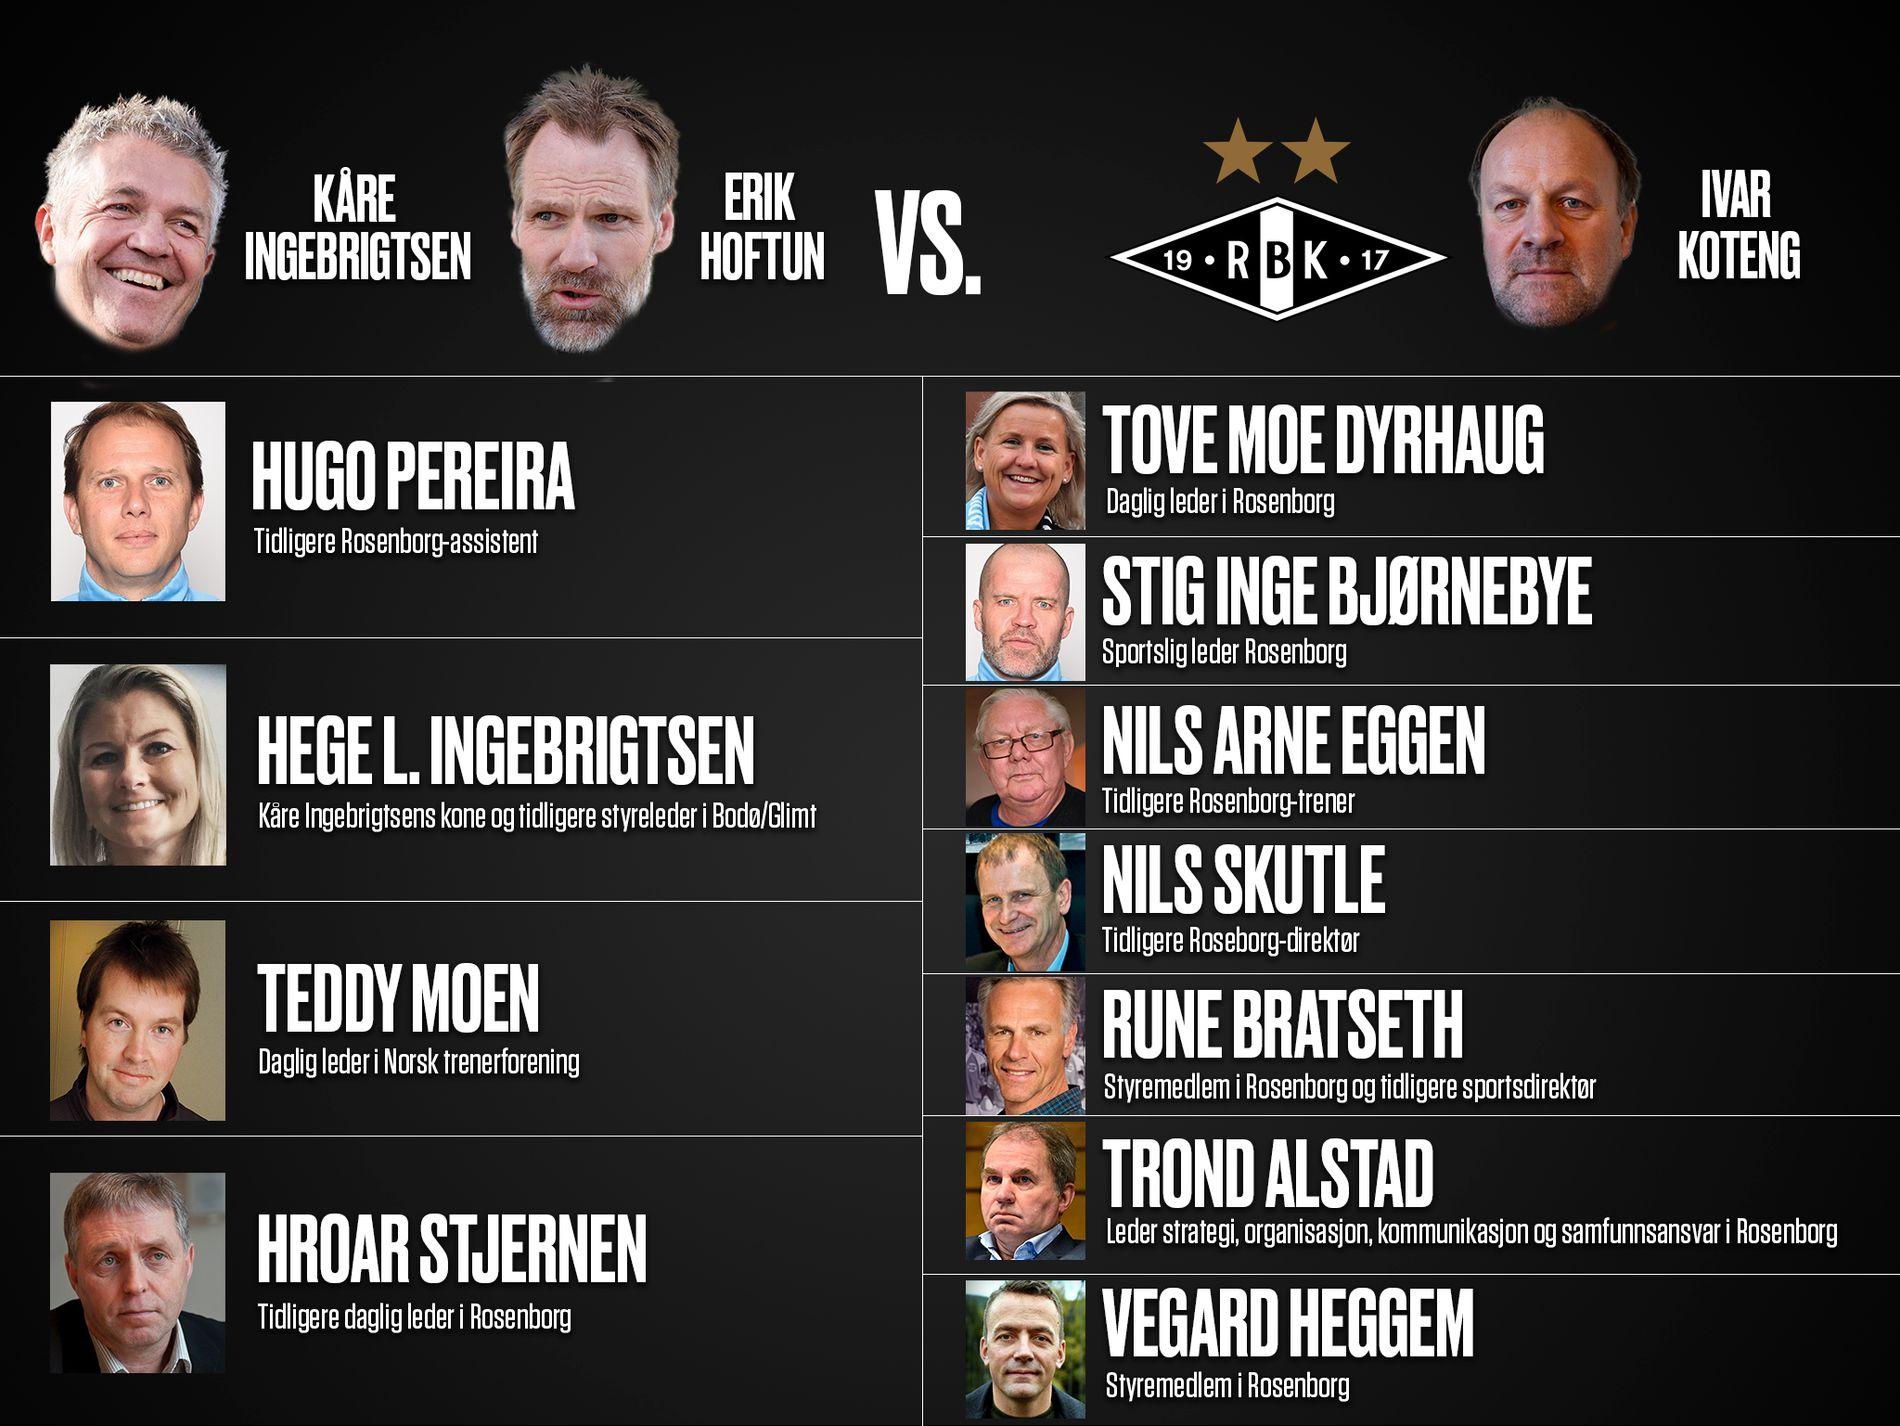 På bildet ser du vitnelisten. Til venstre er Kåre Ingebrigtsen og Erik Hoftuns vitner. På høyresiden er Rosenborgs vitner.